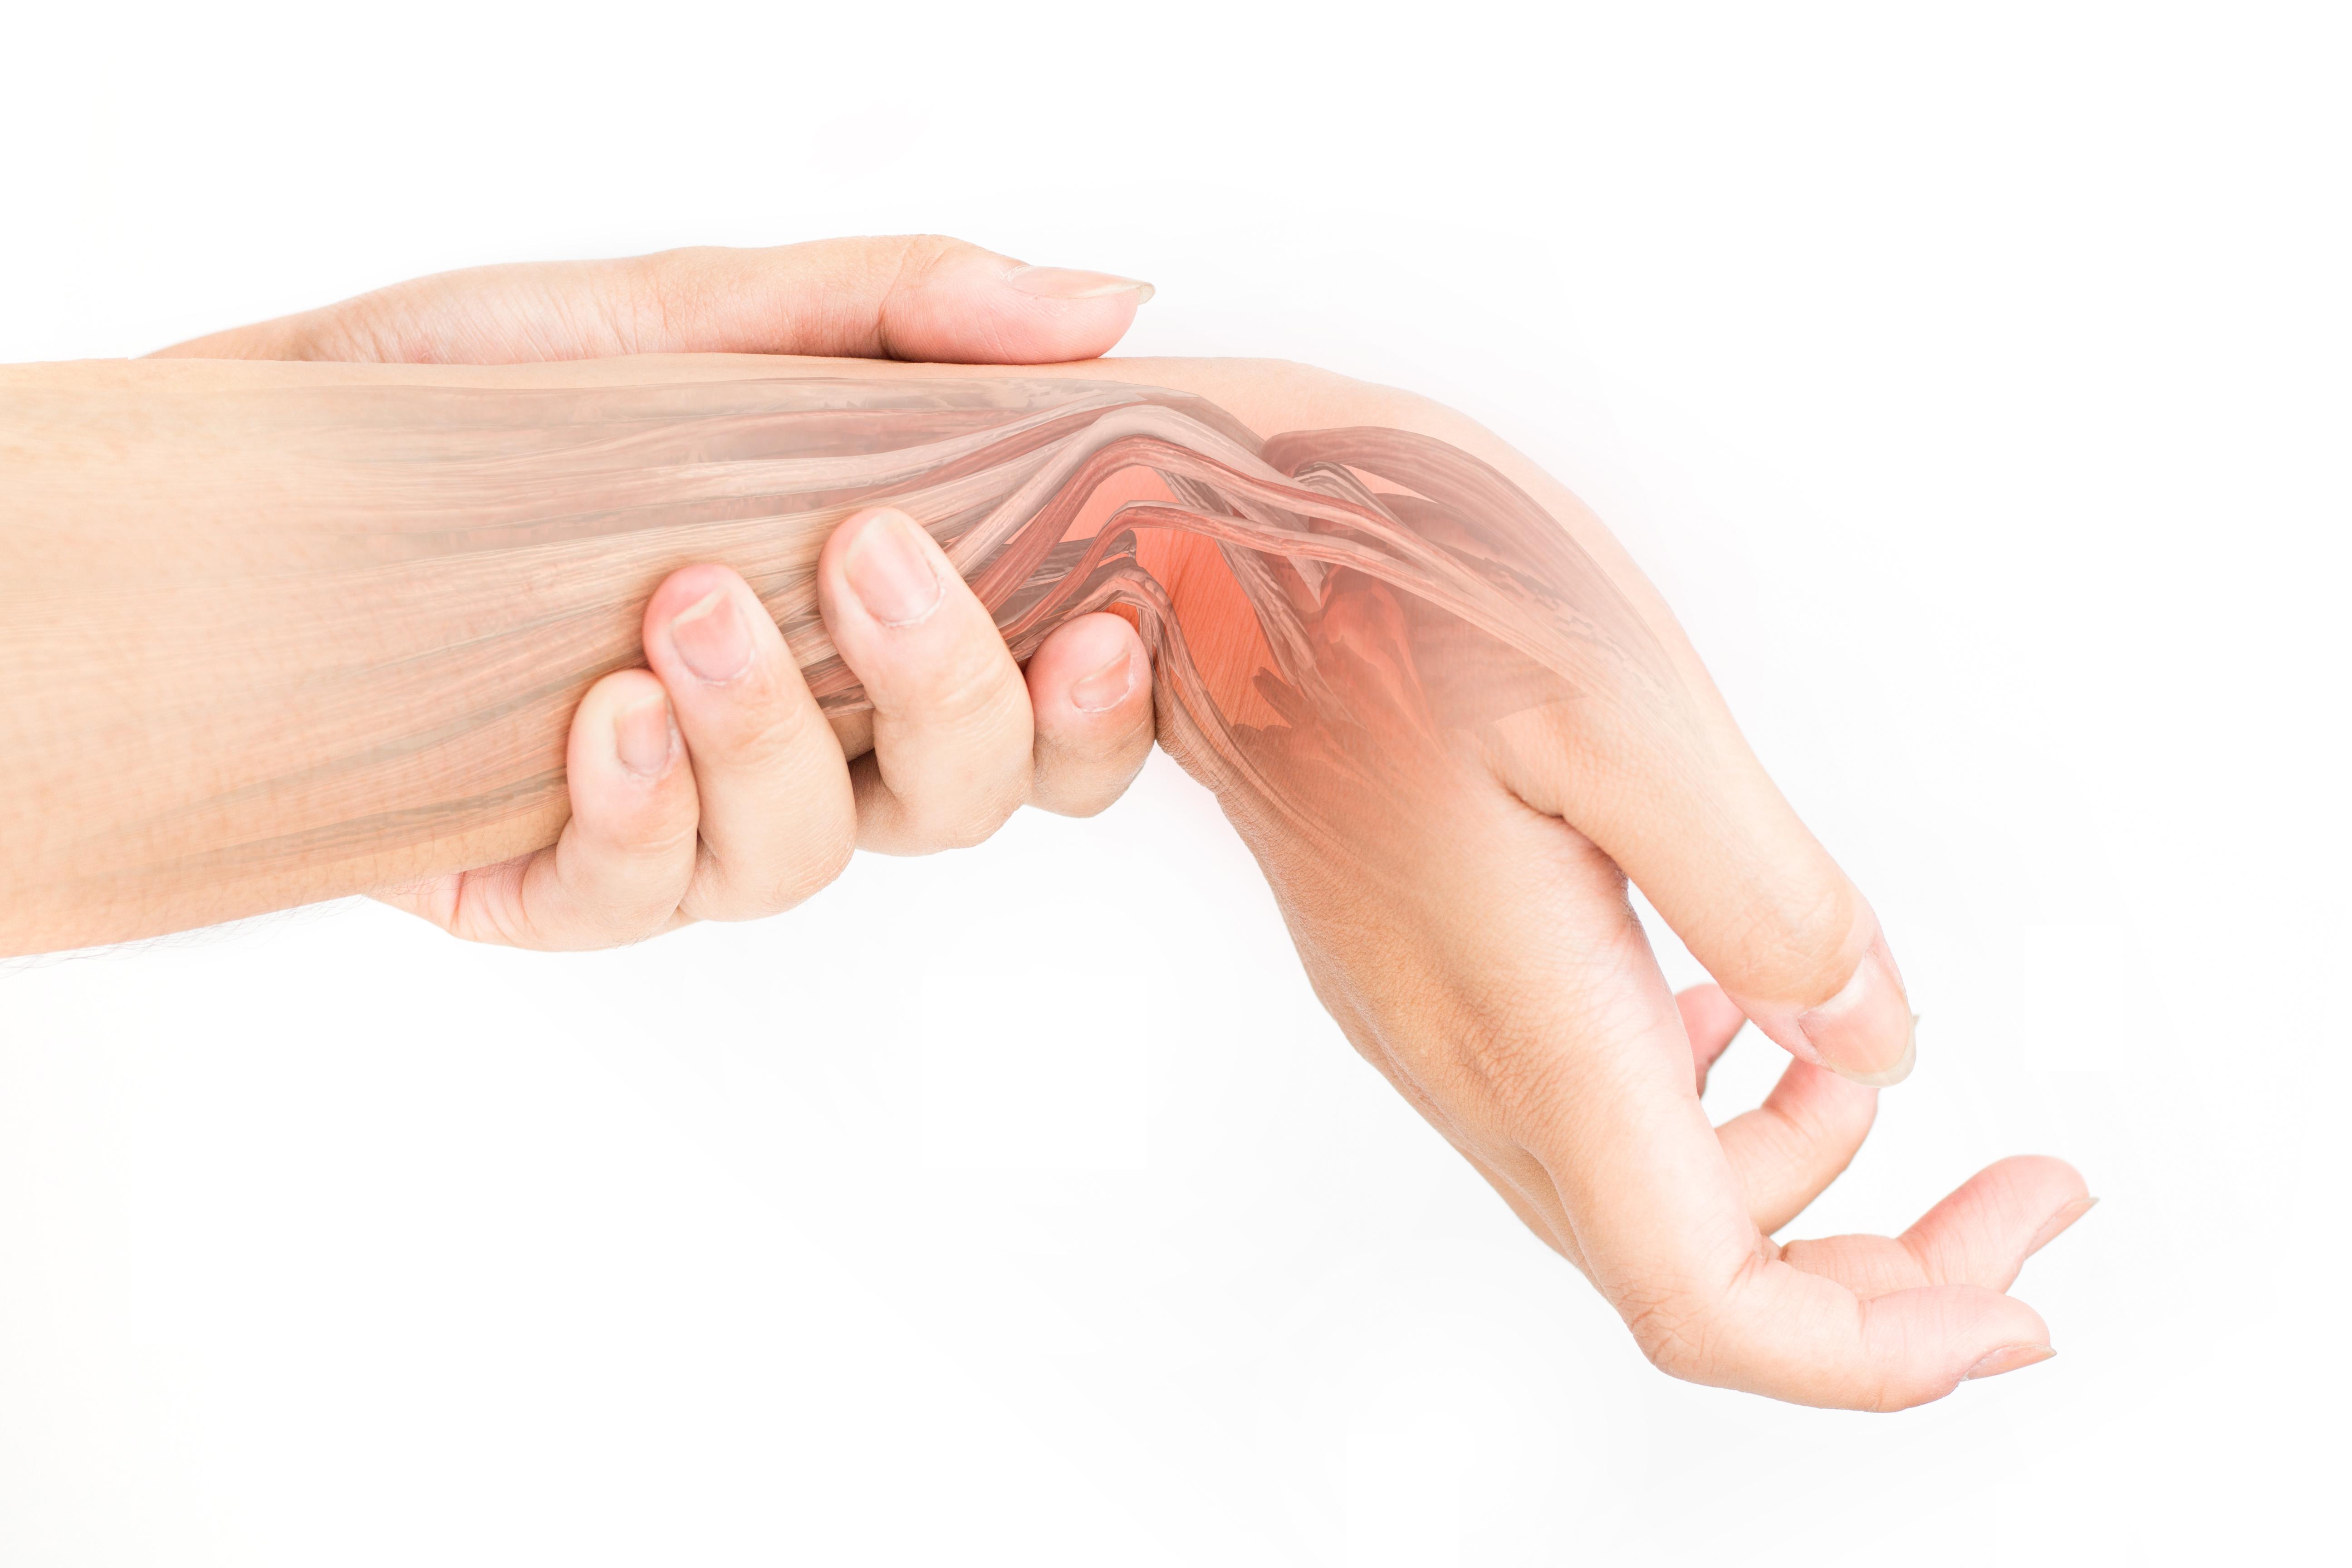 Hilfe bei Sehnenscheidenentzündung - VitaminDoctor